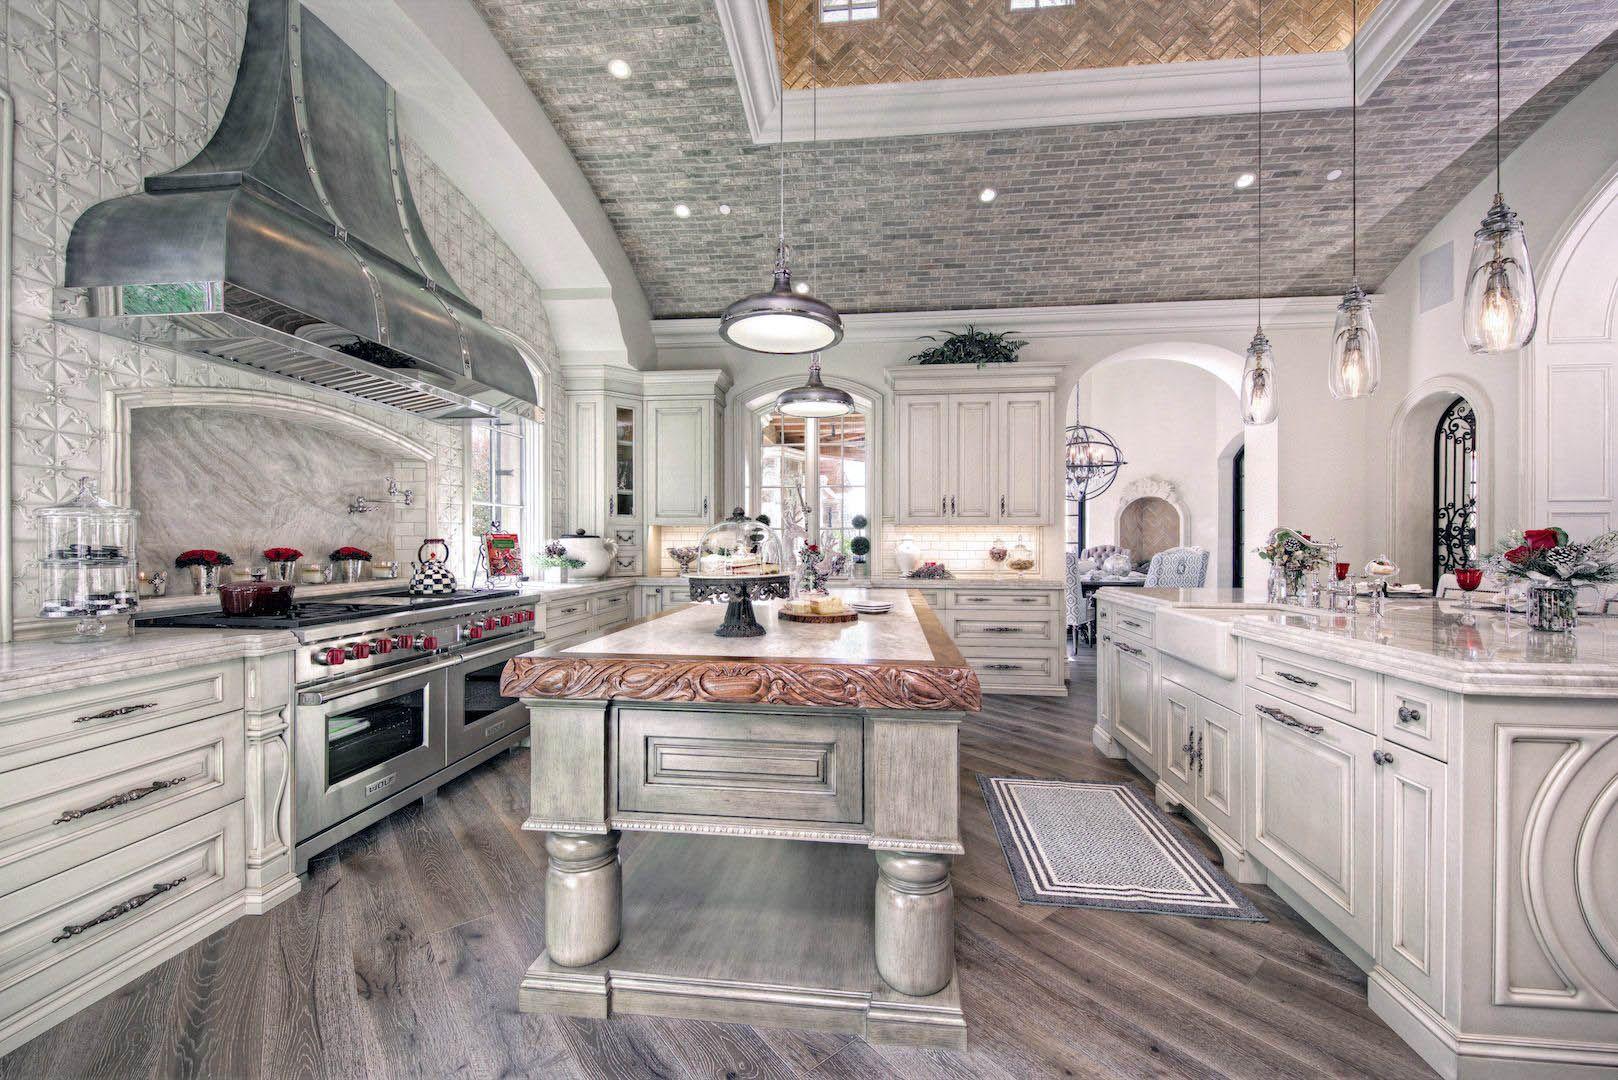 Best Luxury Kitchen Design Ideas We'd Copy If Money Were No 400 x 300